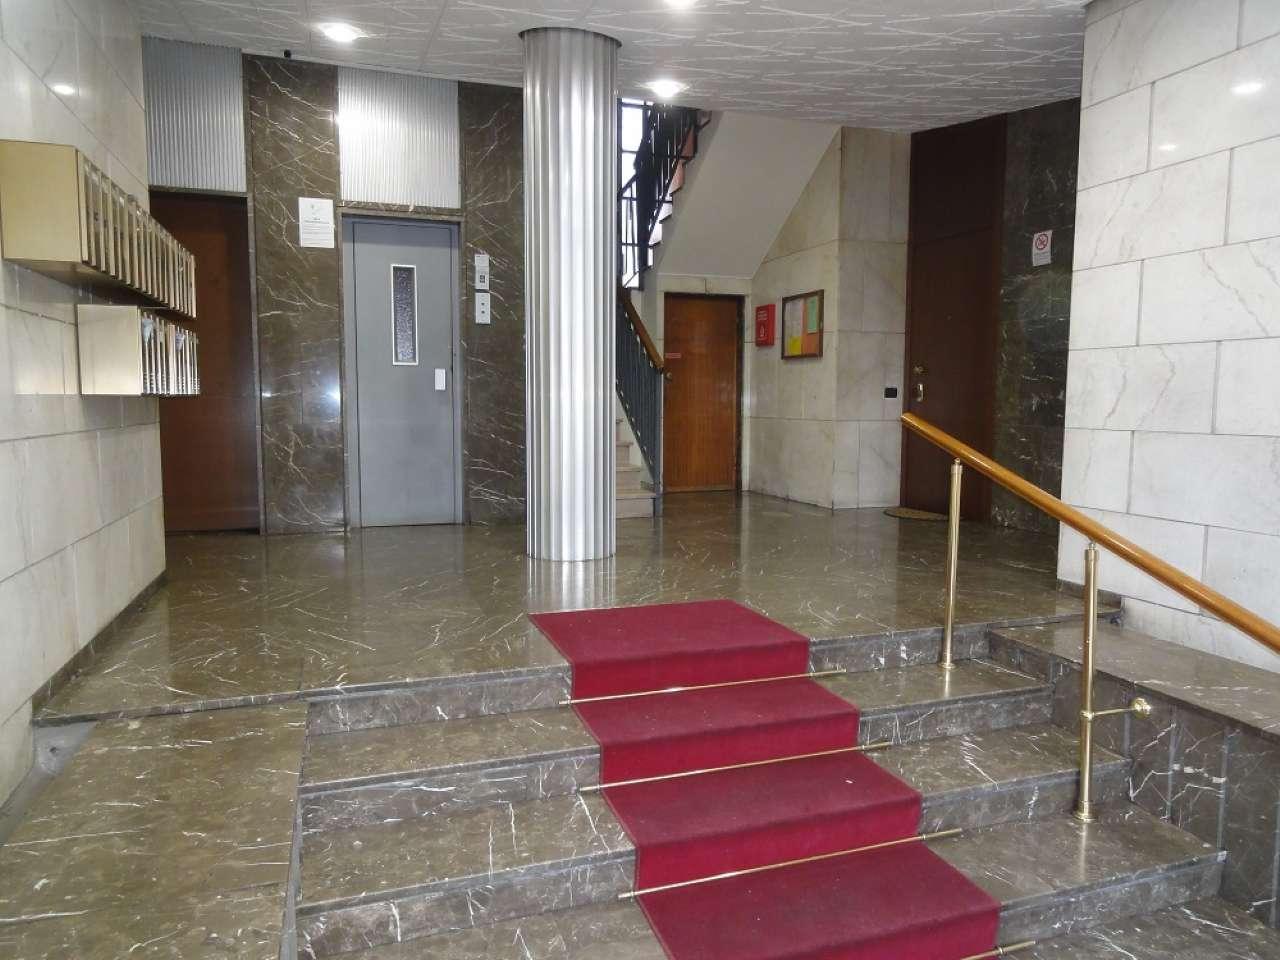 Appartamento in affitto a Sesto San Giovanni, 2 locali, prezzo € 670 | PortaleAgenzieImmobiliari.it